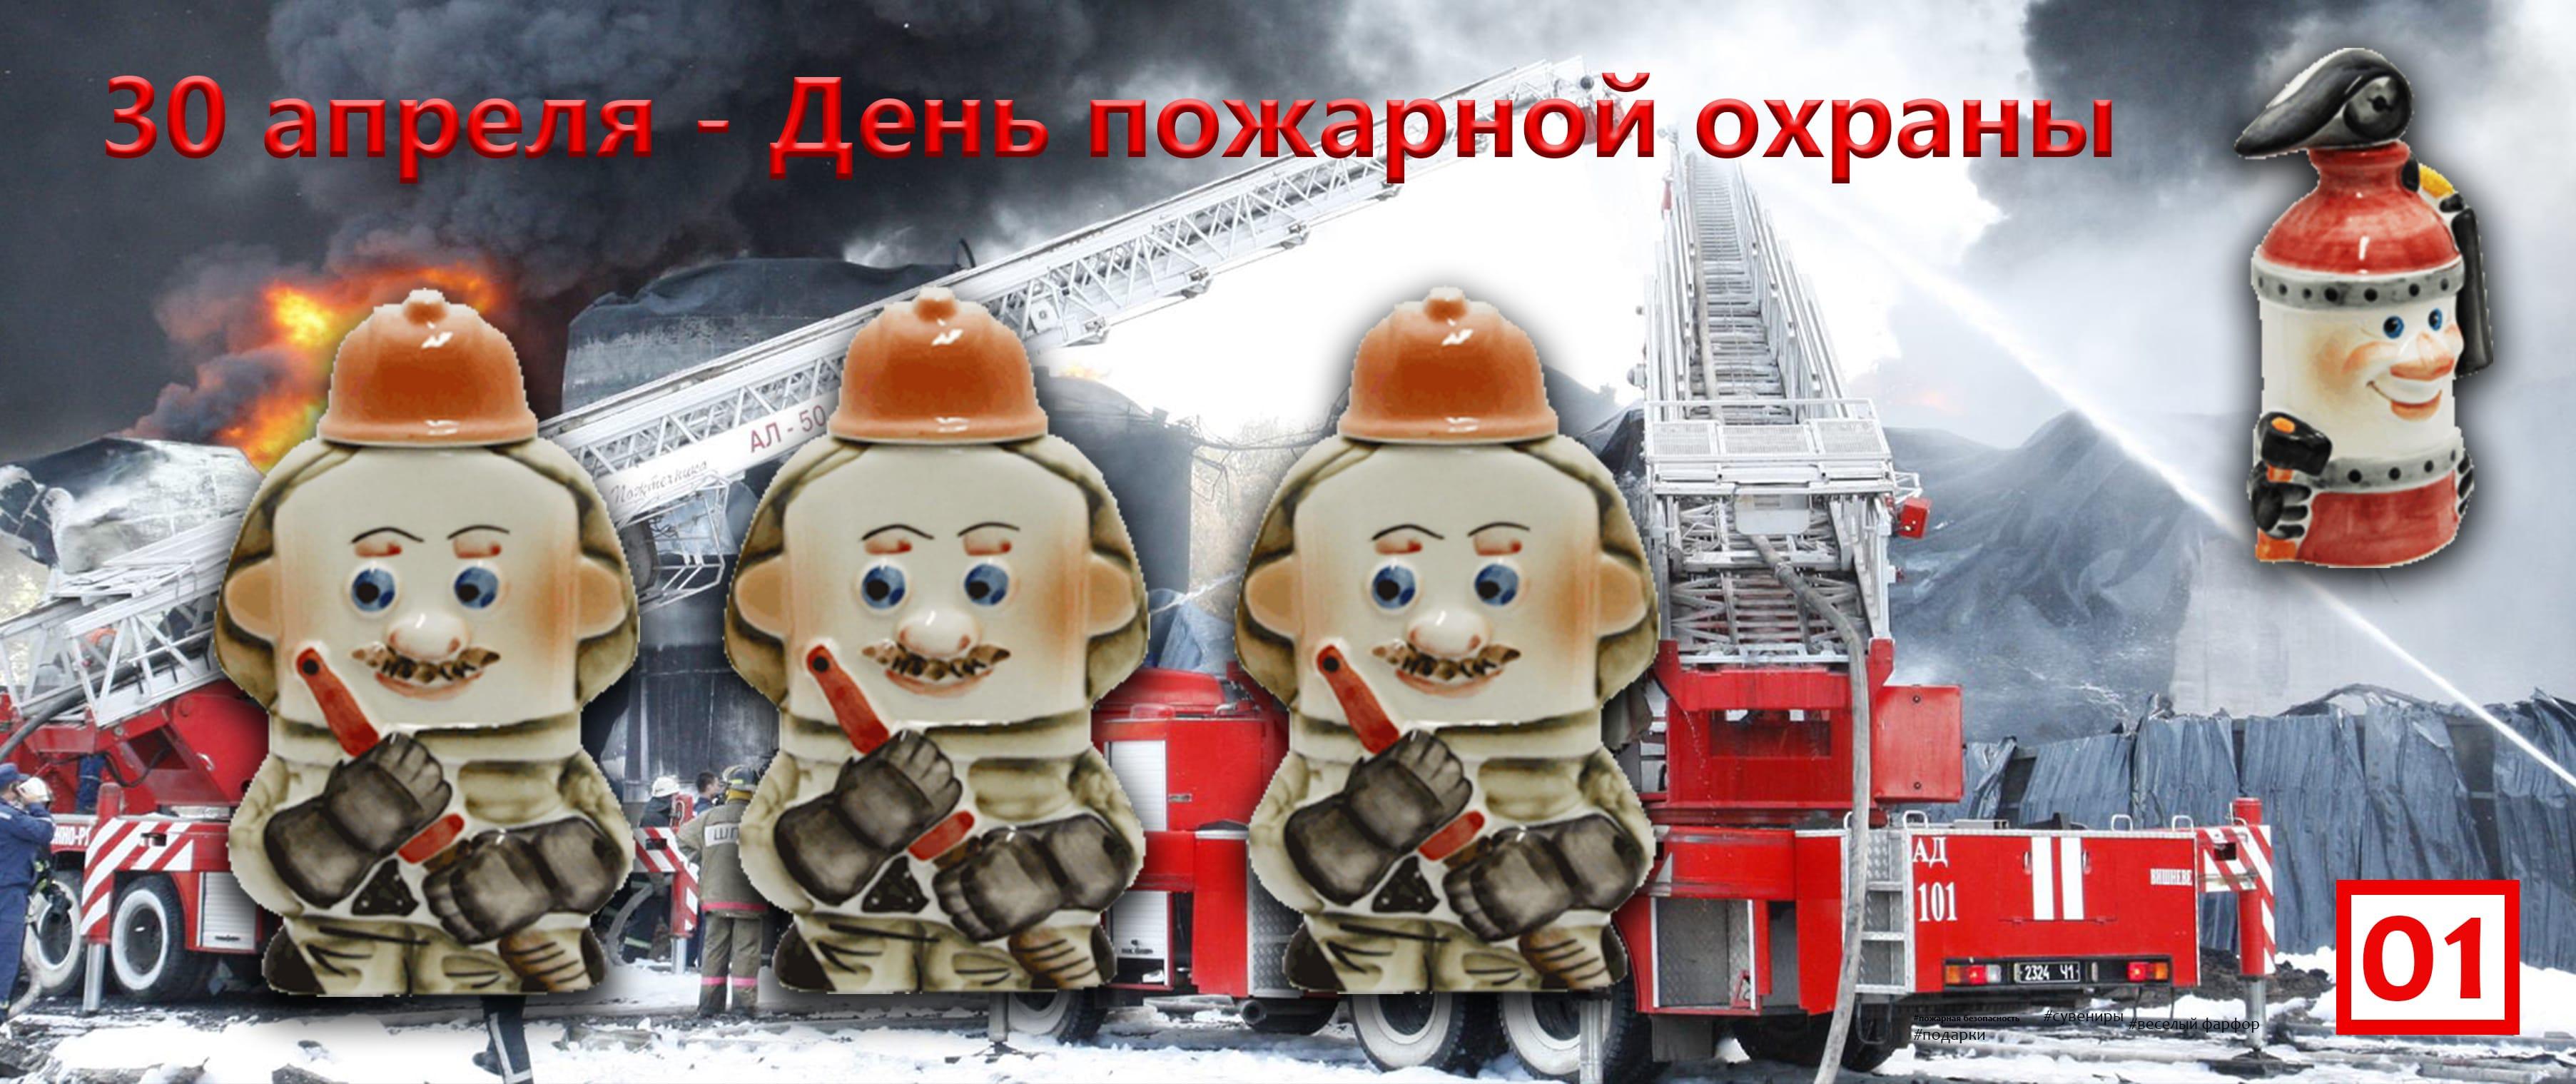 Поздравление с днём пожарного для любимого